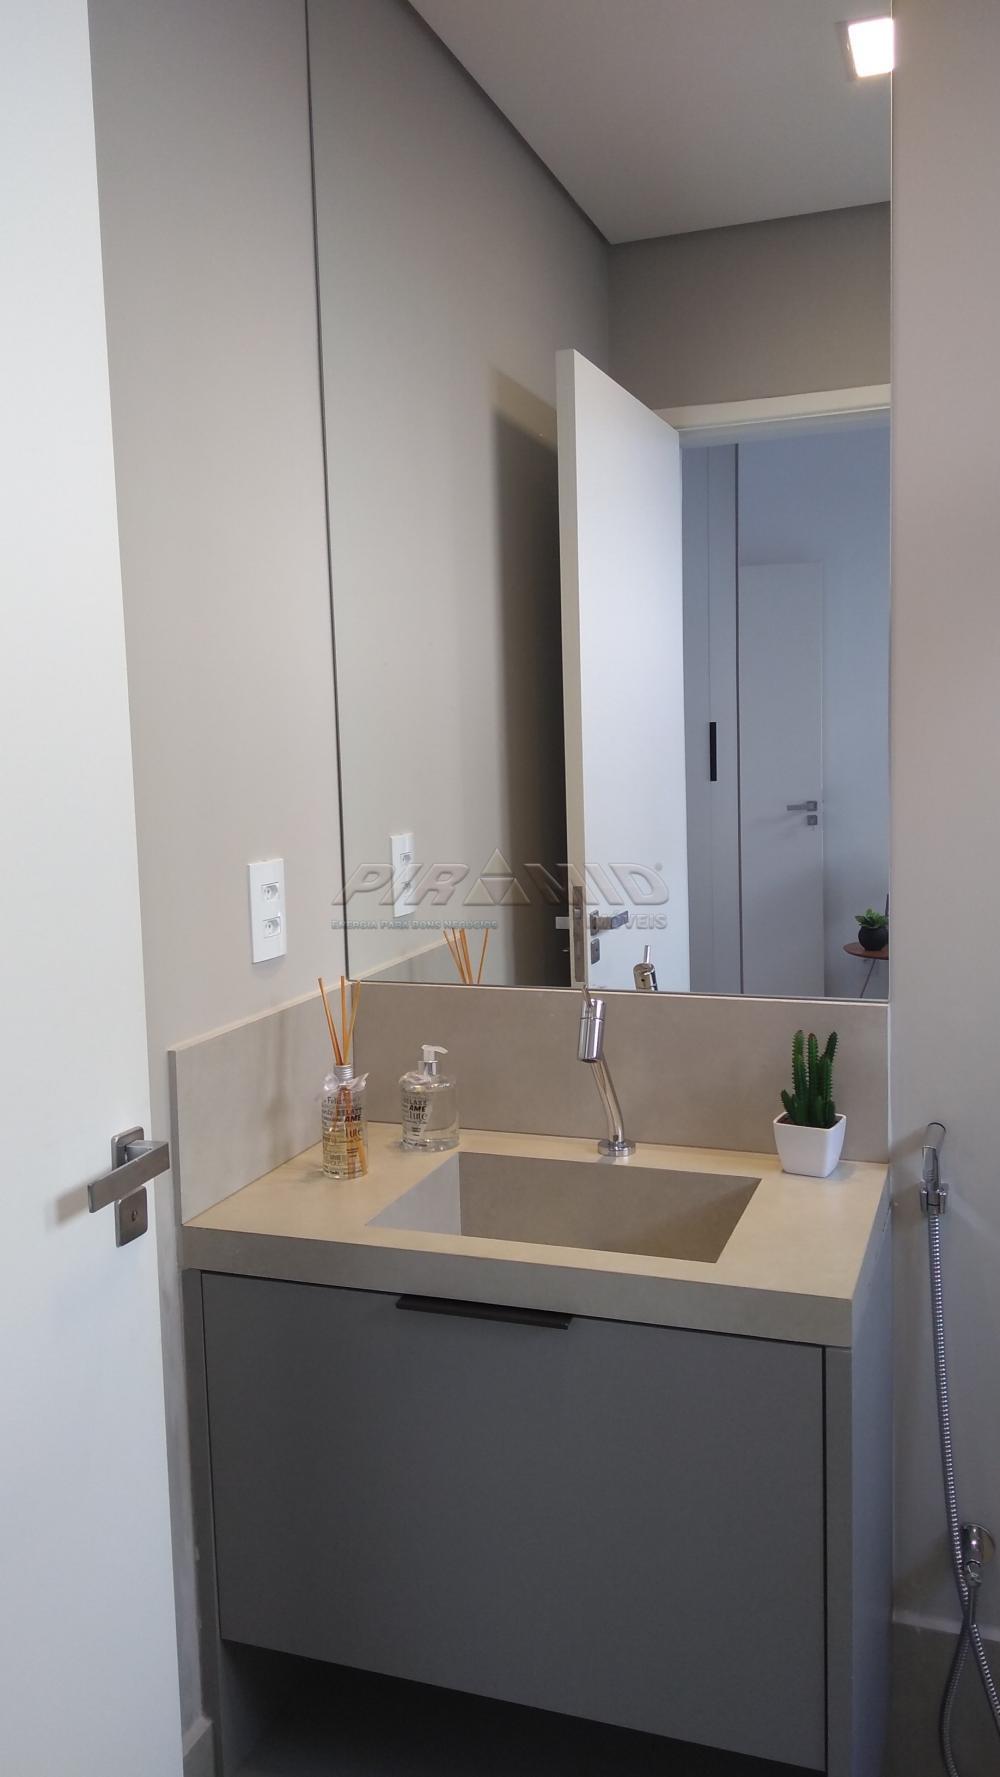 Comprar Casa / Condomínio em Ribeirão Preto apenas R$ 1.270.000,00 - Foto 12